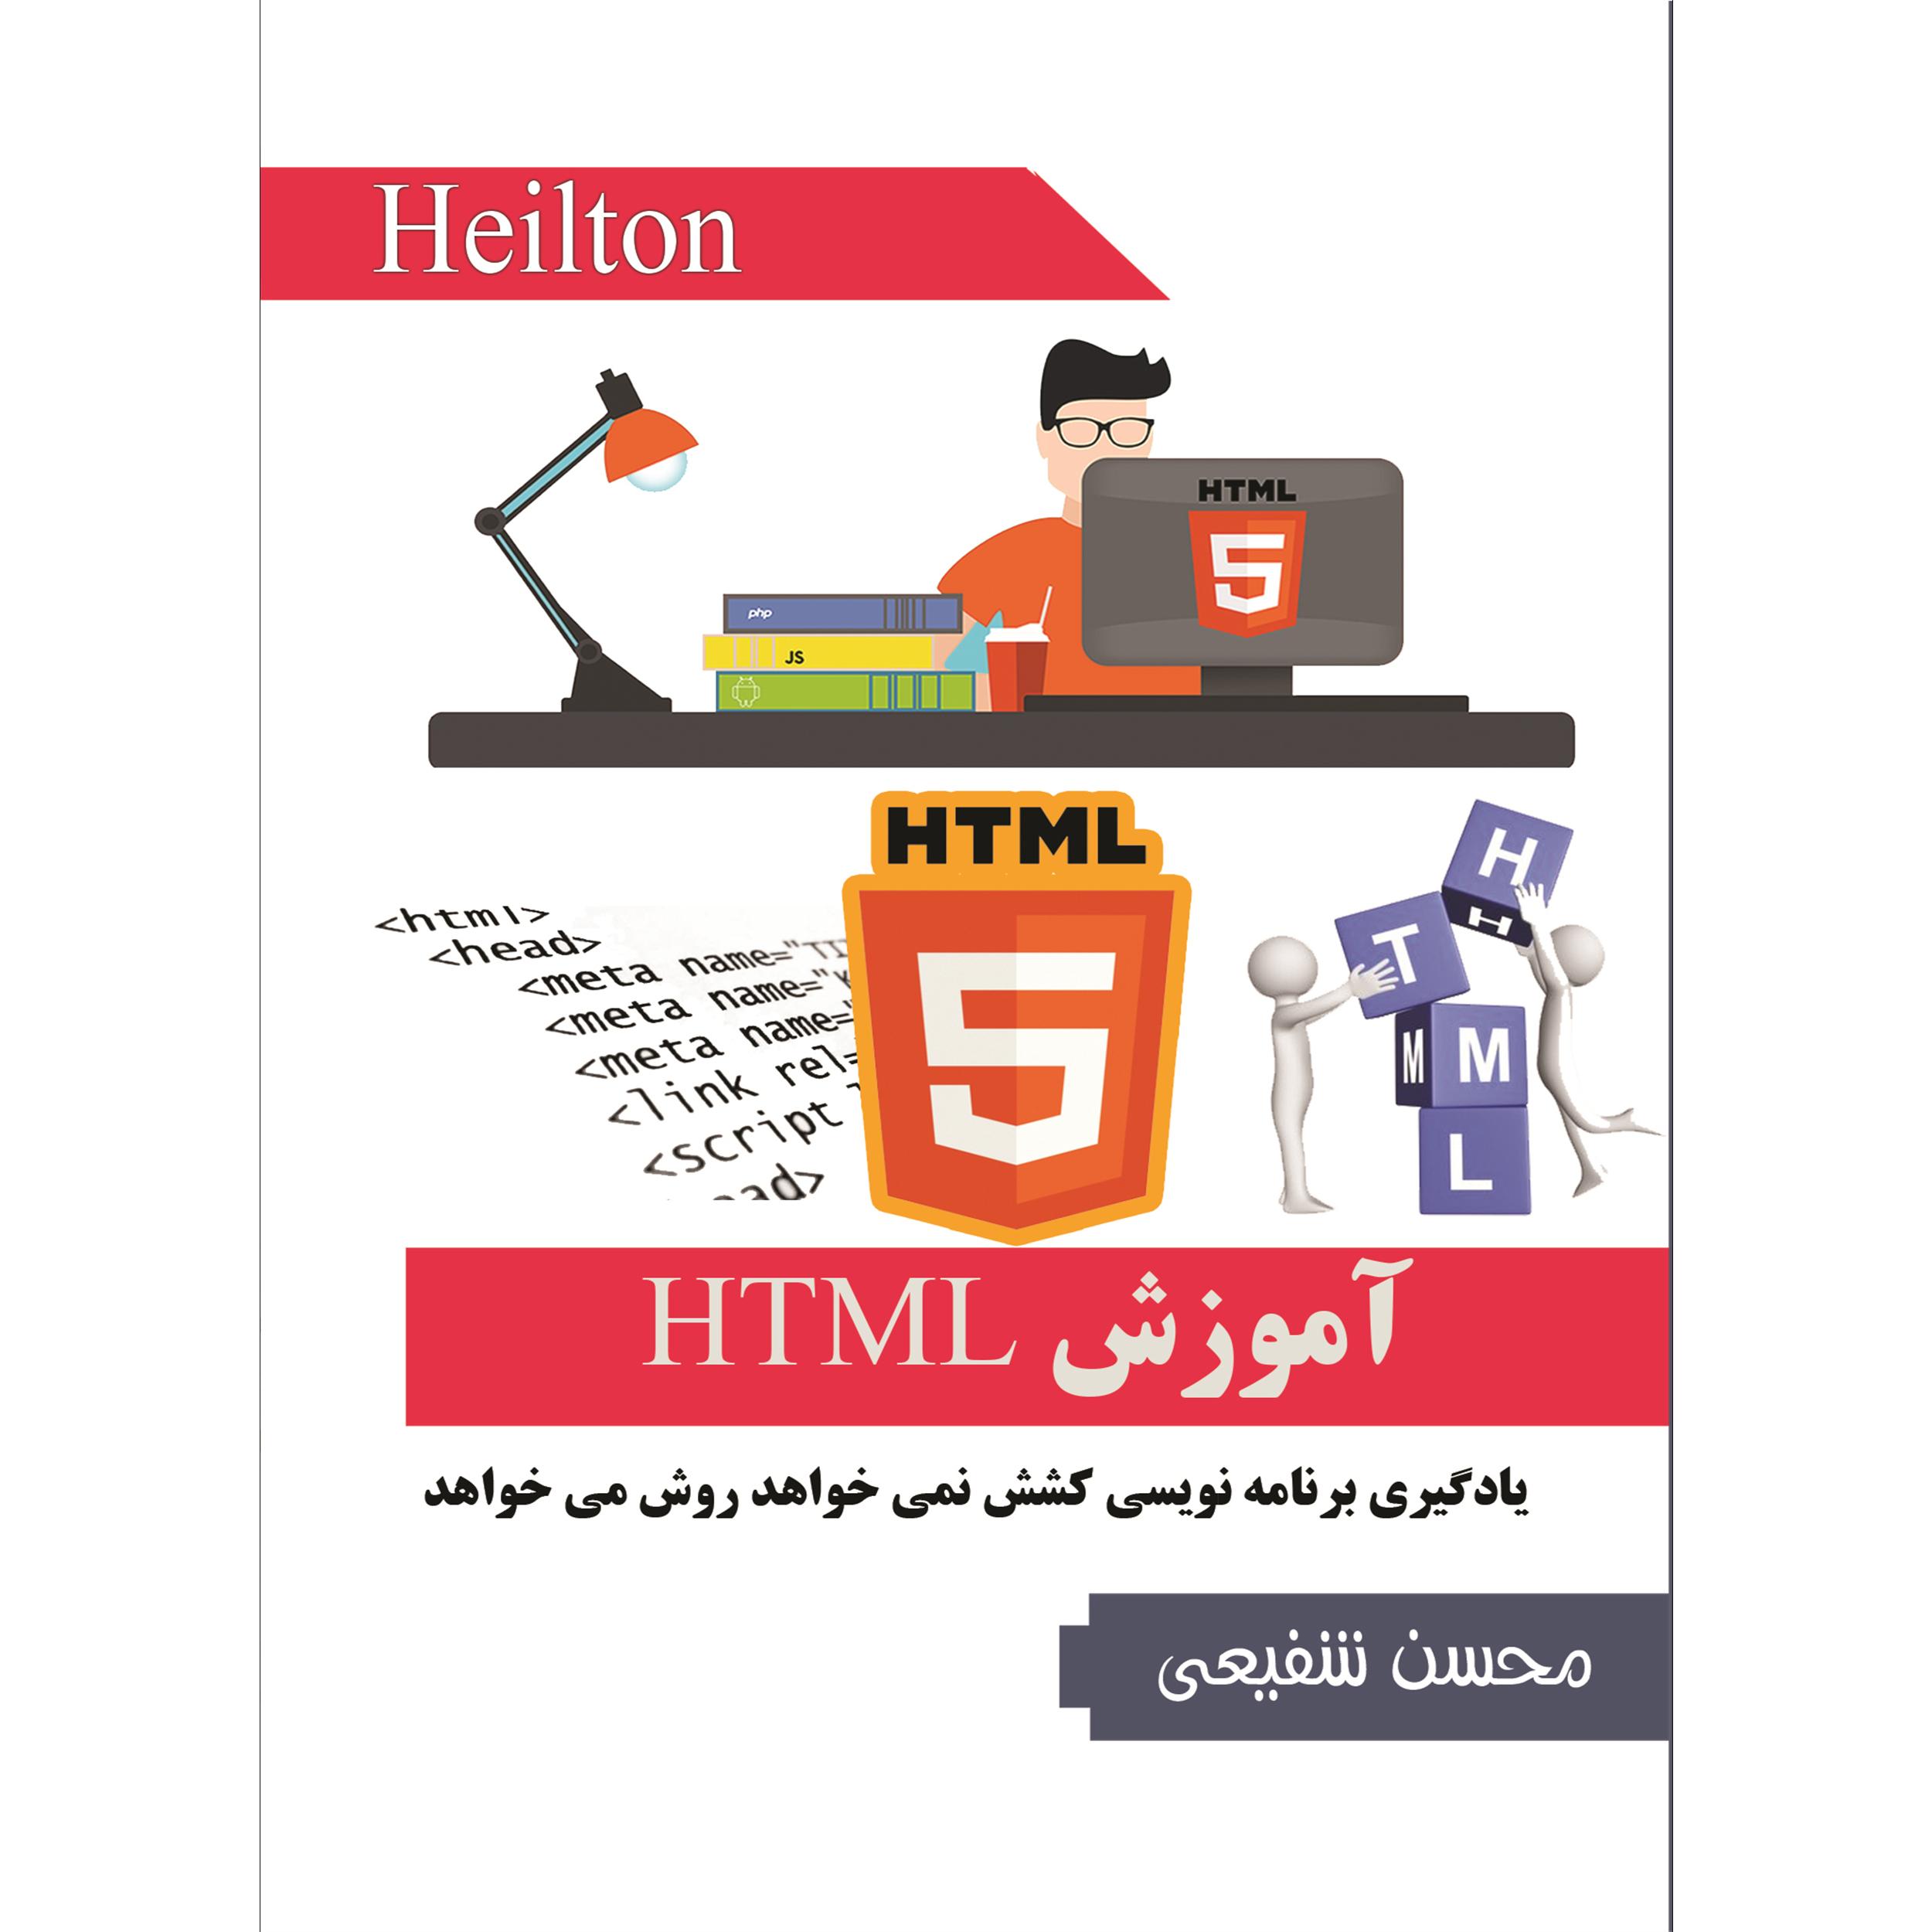 آموزش تصویری HTML 5 نشر هیلتن